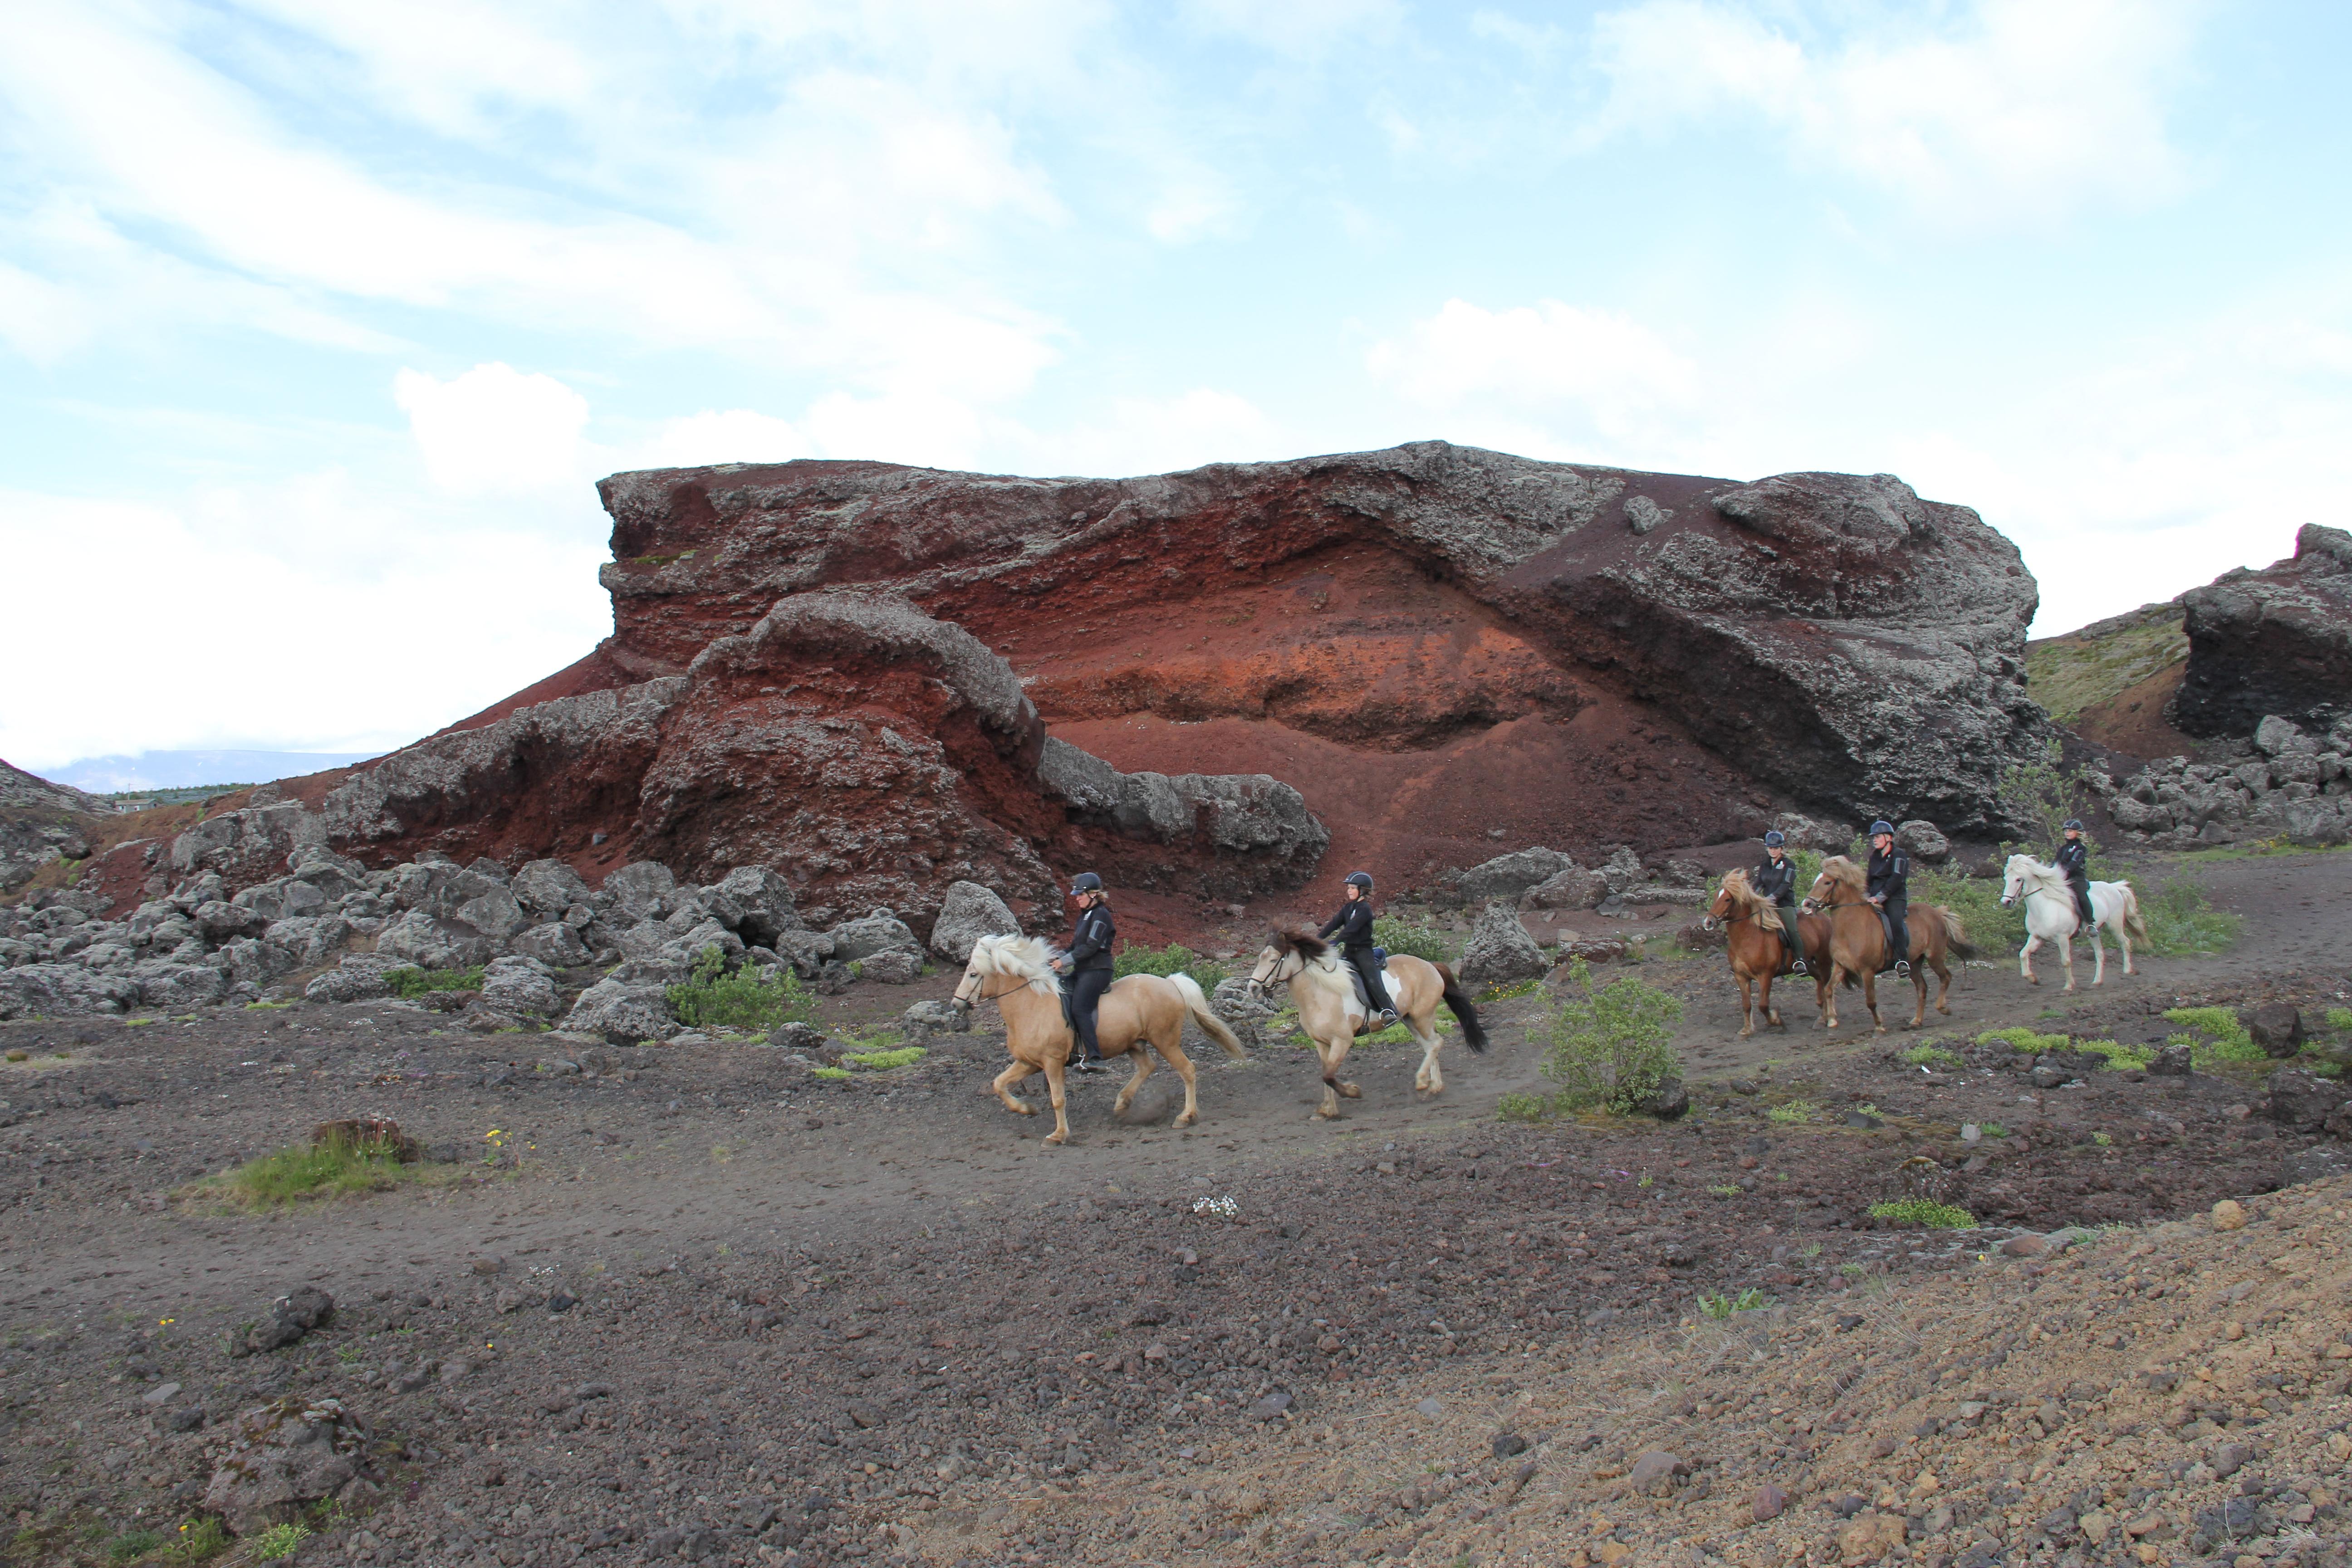 美しく異世界感にあふれる場所で乗馬ツアーが行う